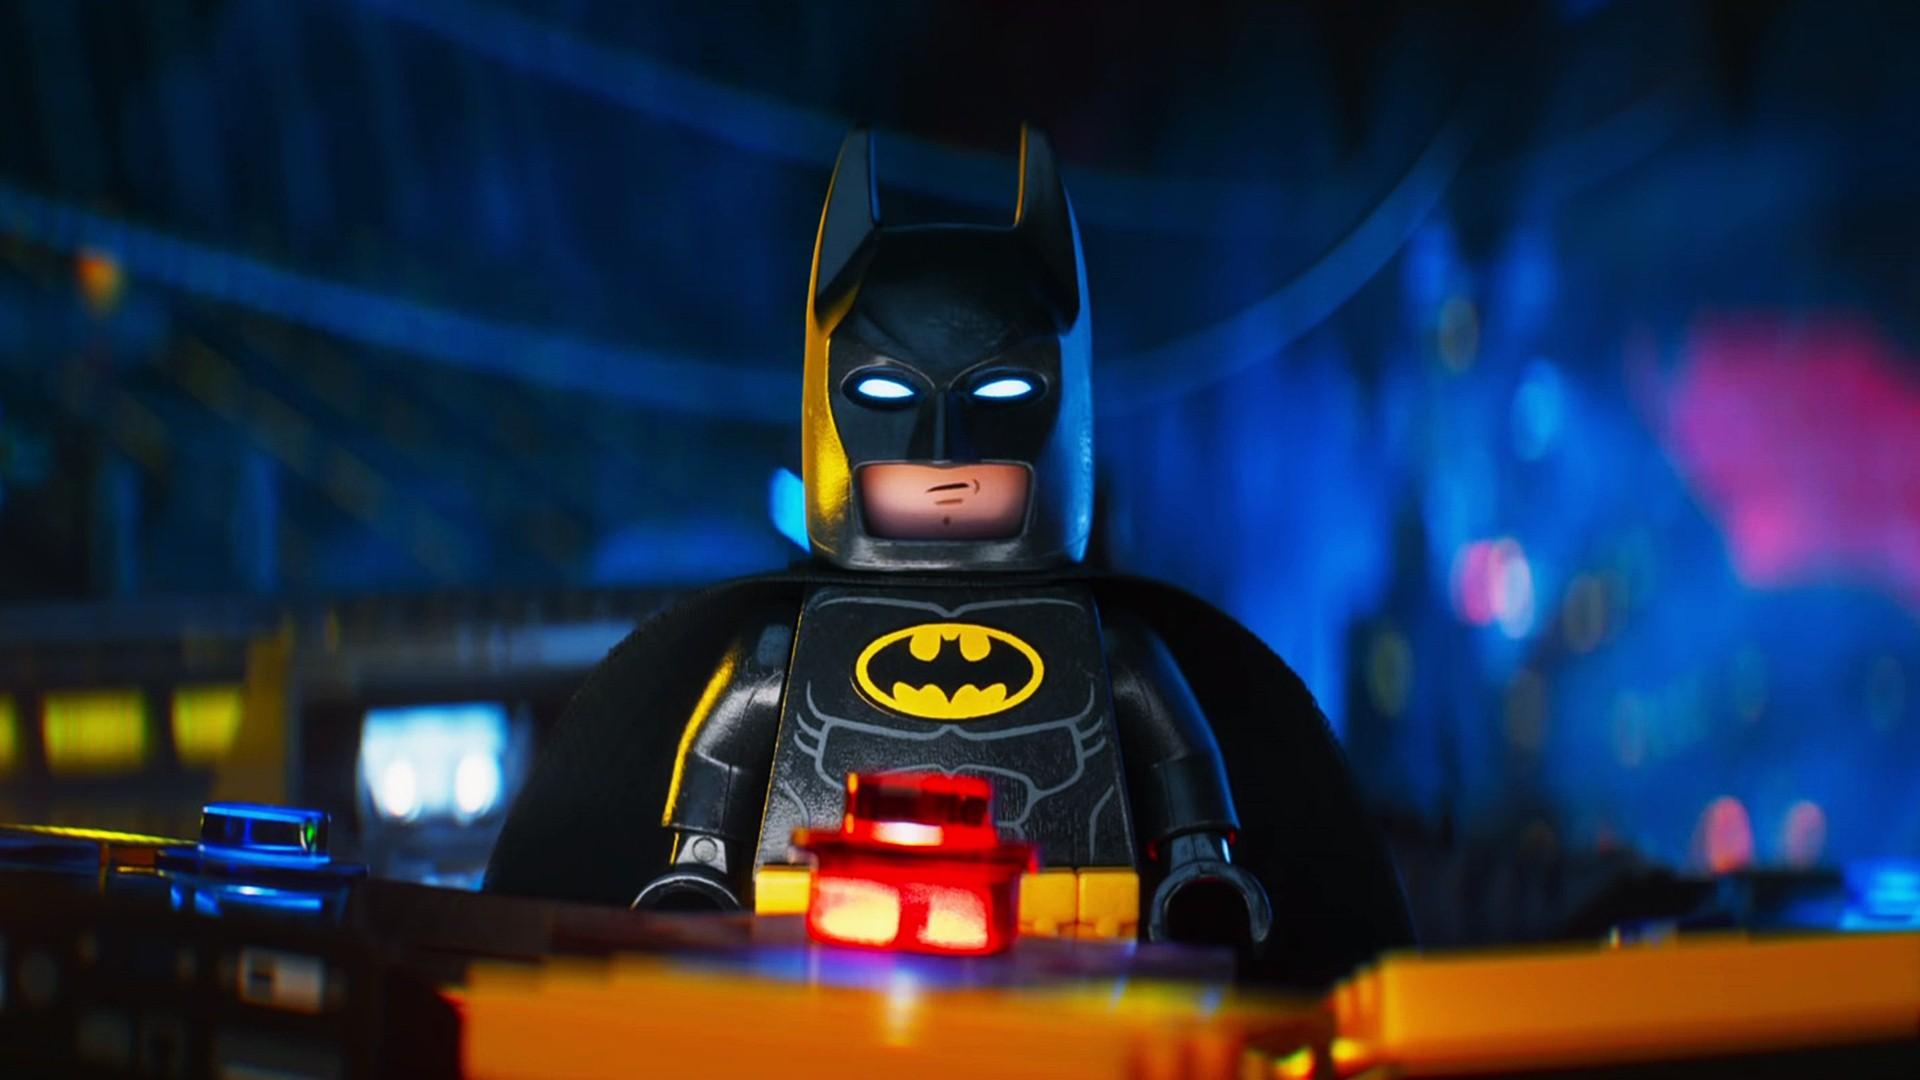 The Lego Batman Movie Lego Batman Wallpaper Resolution 1920x1080 Id 281598 Wallha Com